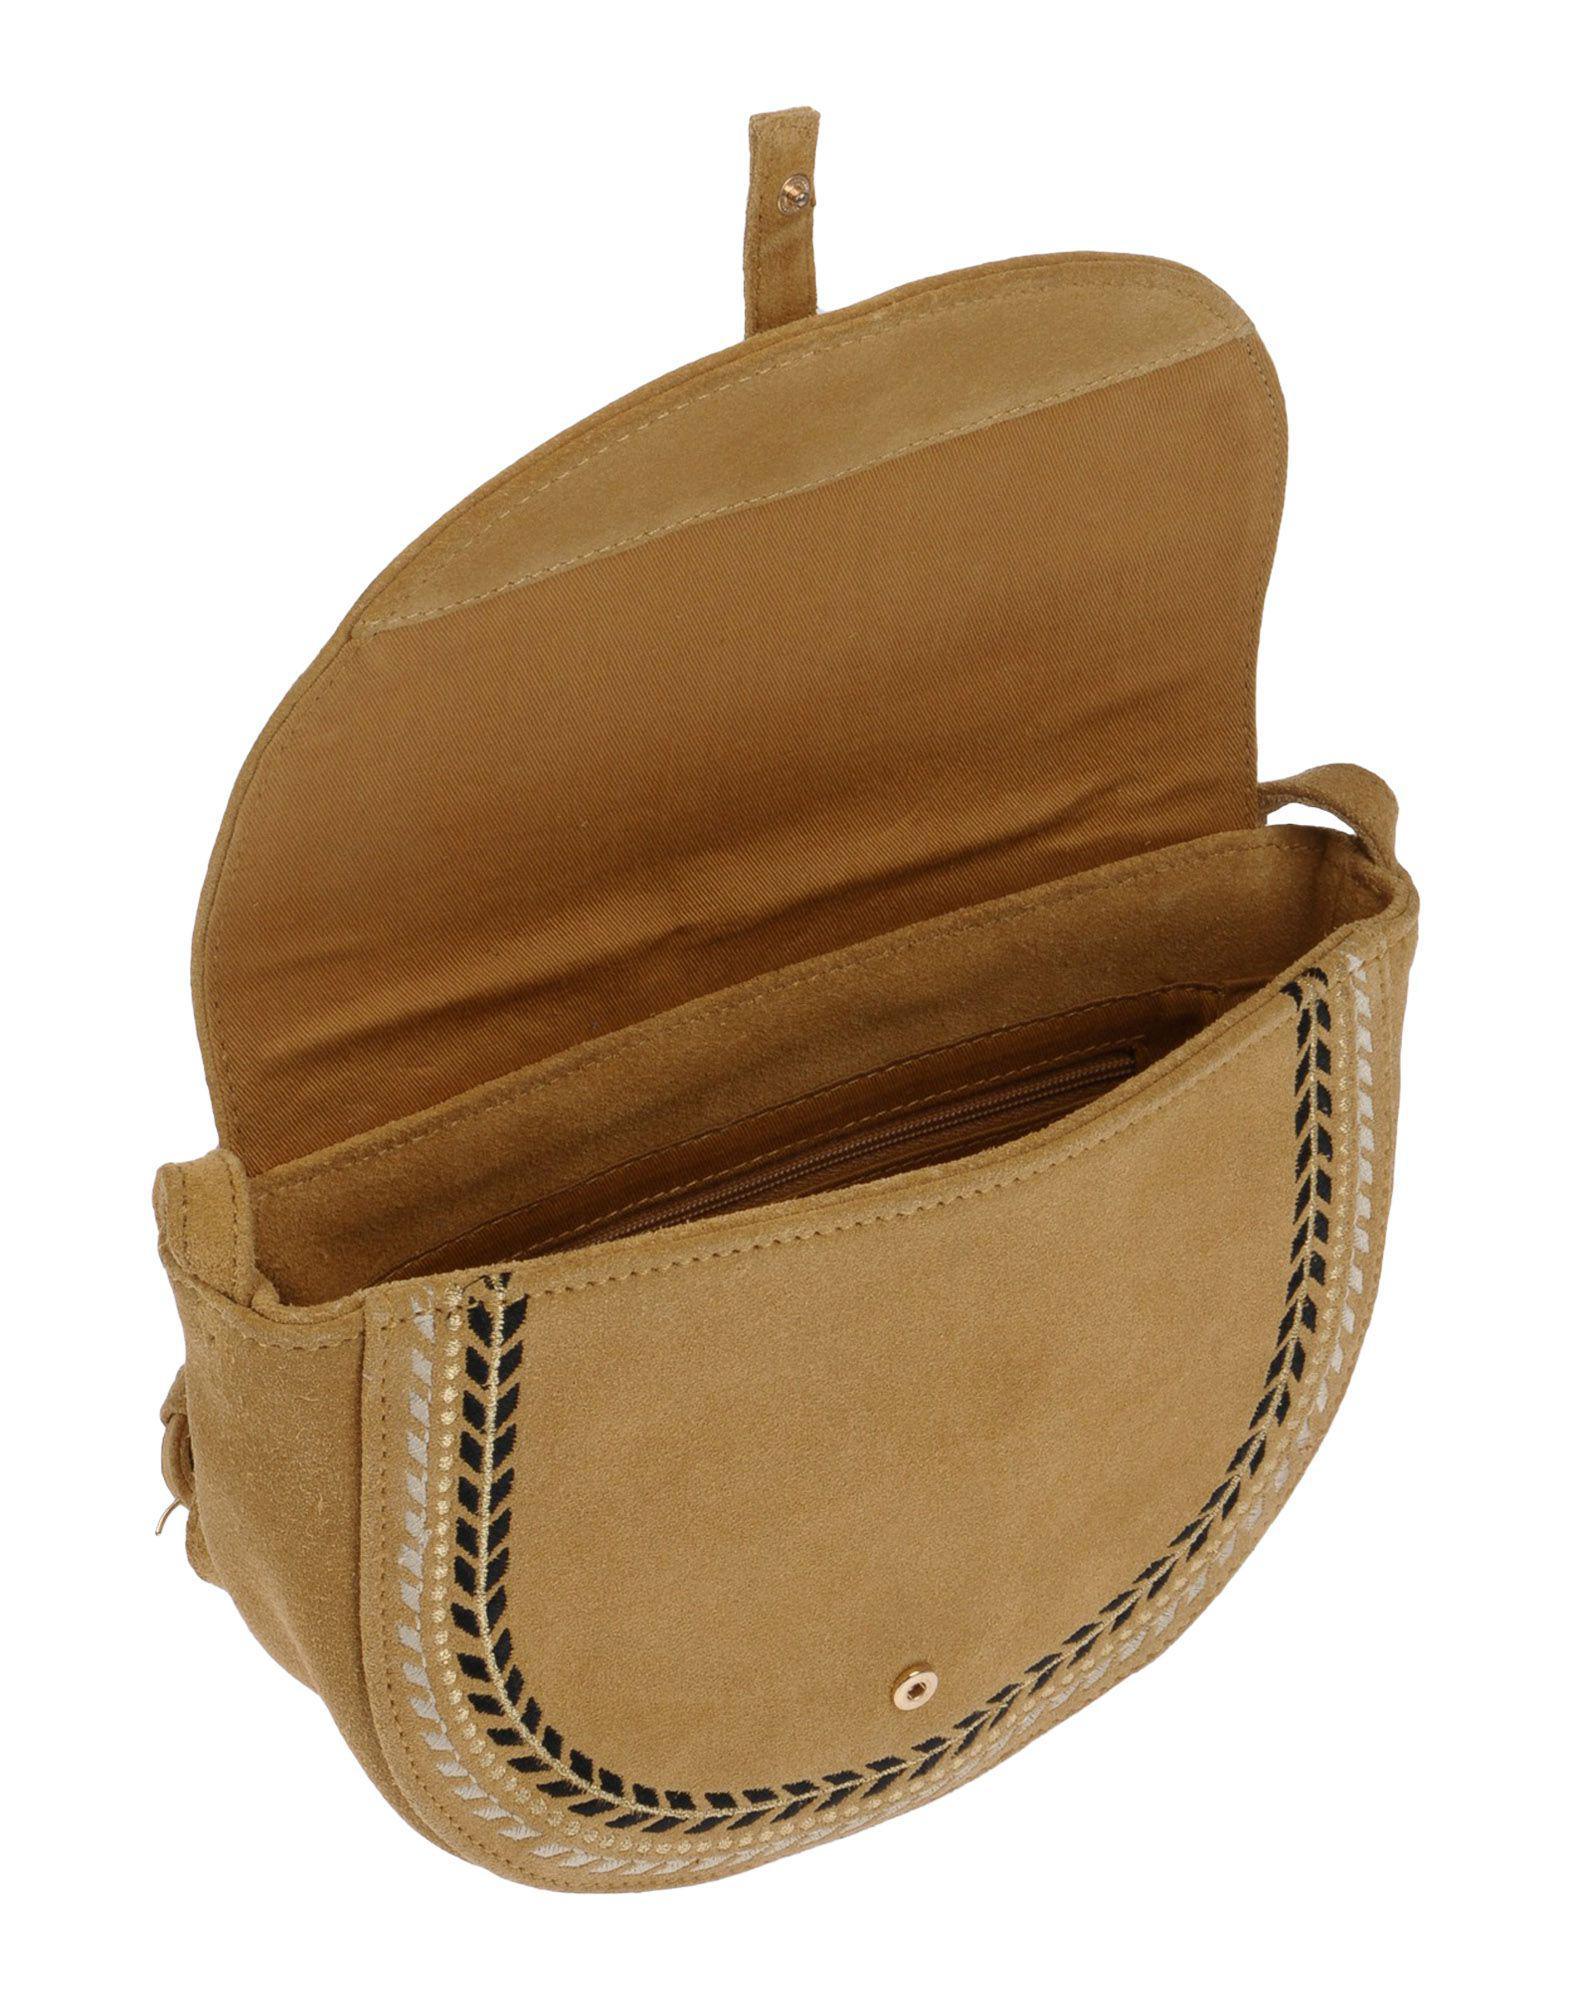 Petite Mendigote Suede Cross-body Bags in Camel (Natural)